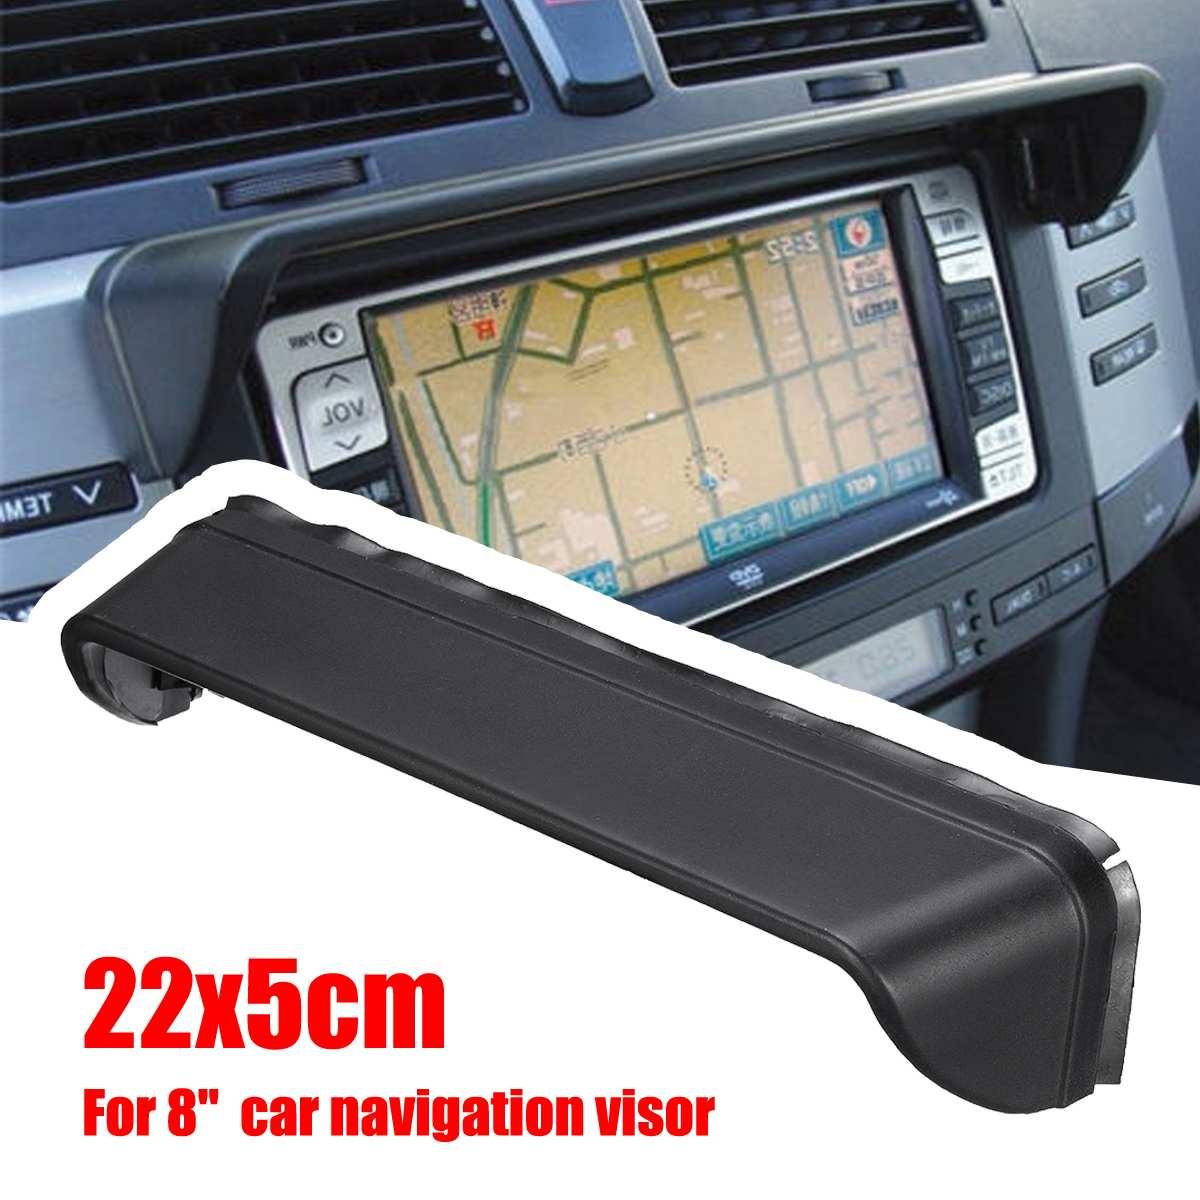 22*5CM Car GPS Navigator Visor Sunshade Sun Shade Hood Anti Glare Vision Shield